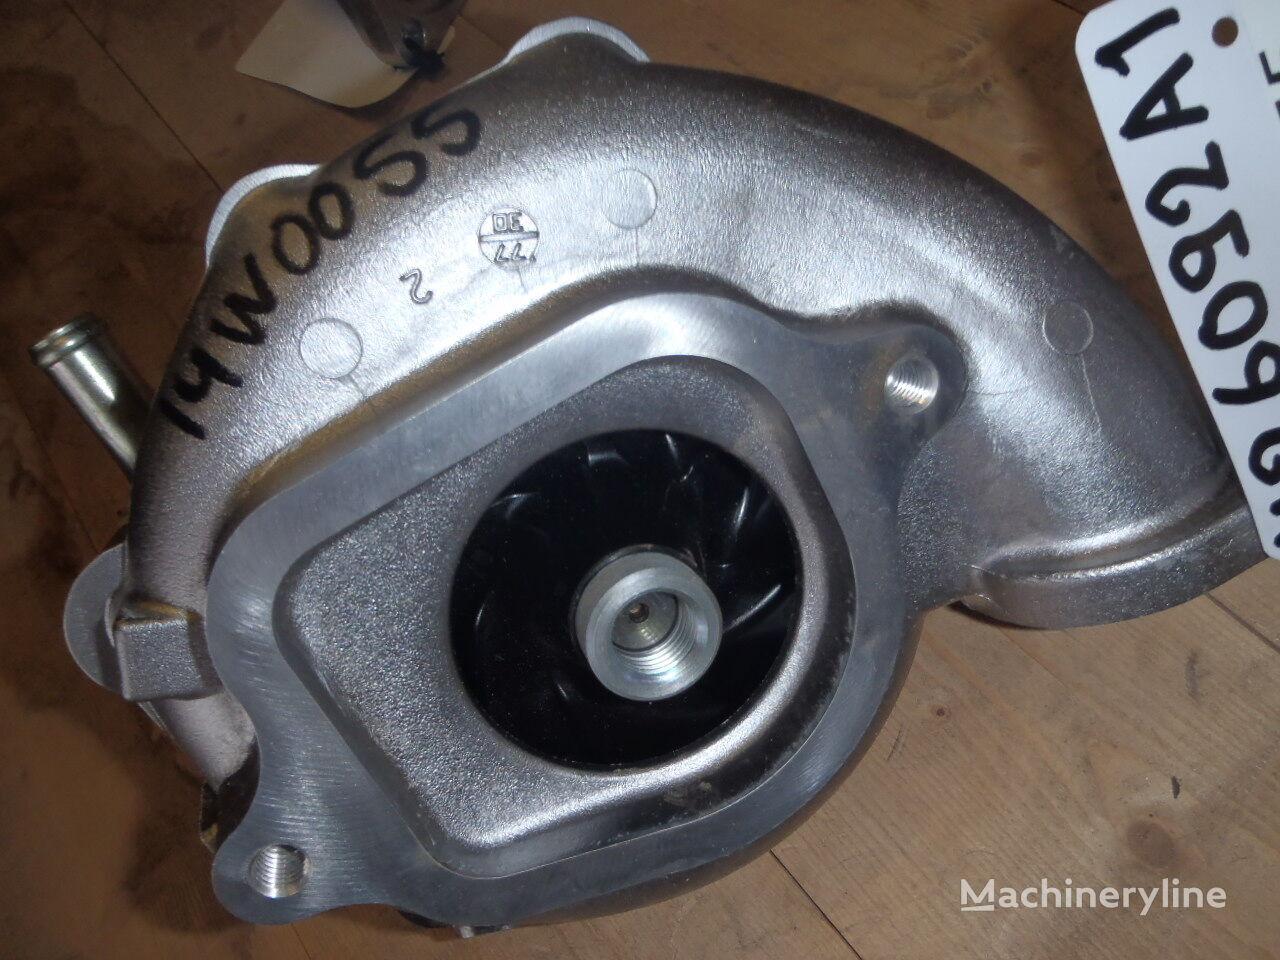 novi CASE turbokompresor motora za CASE ostalih građevinskih strojeva